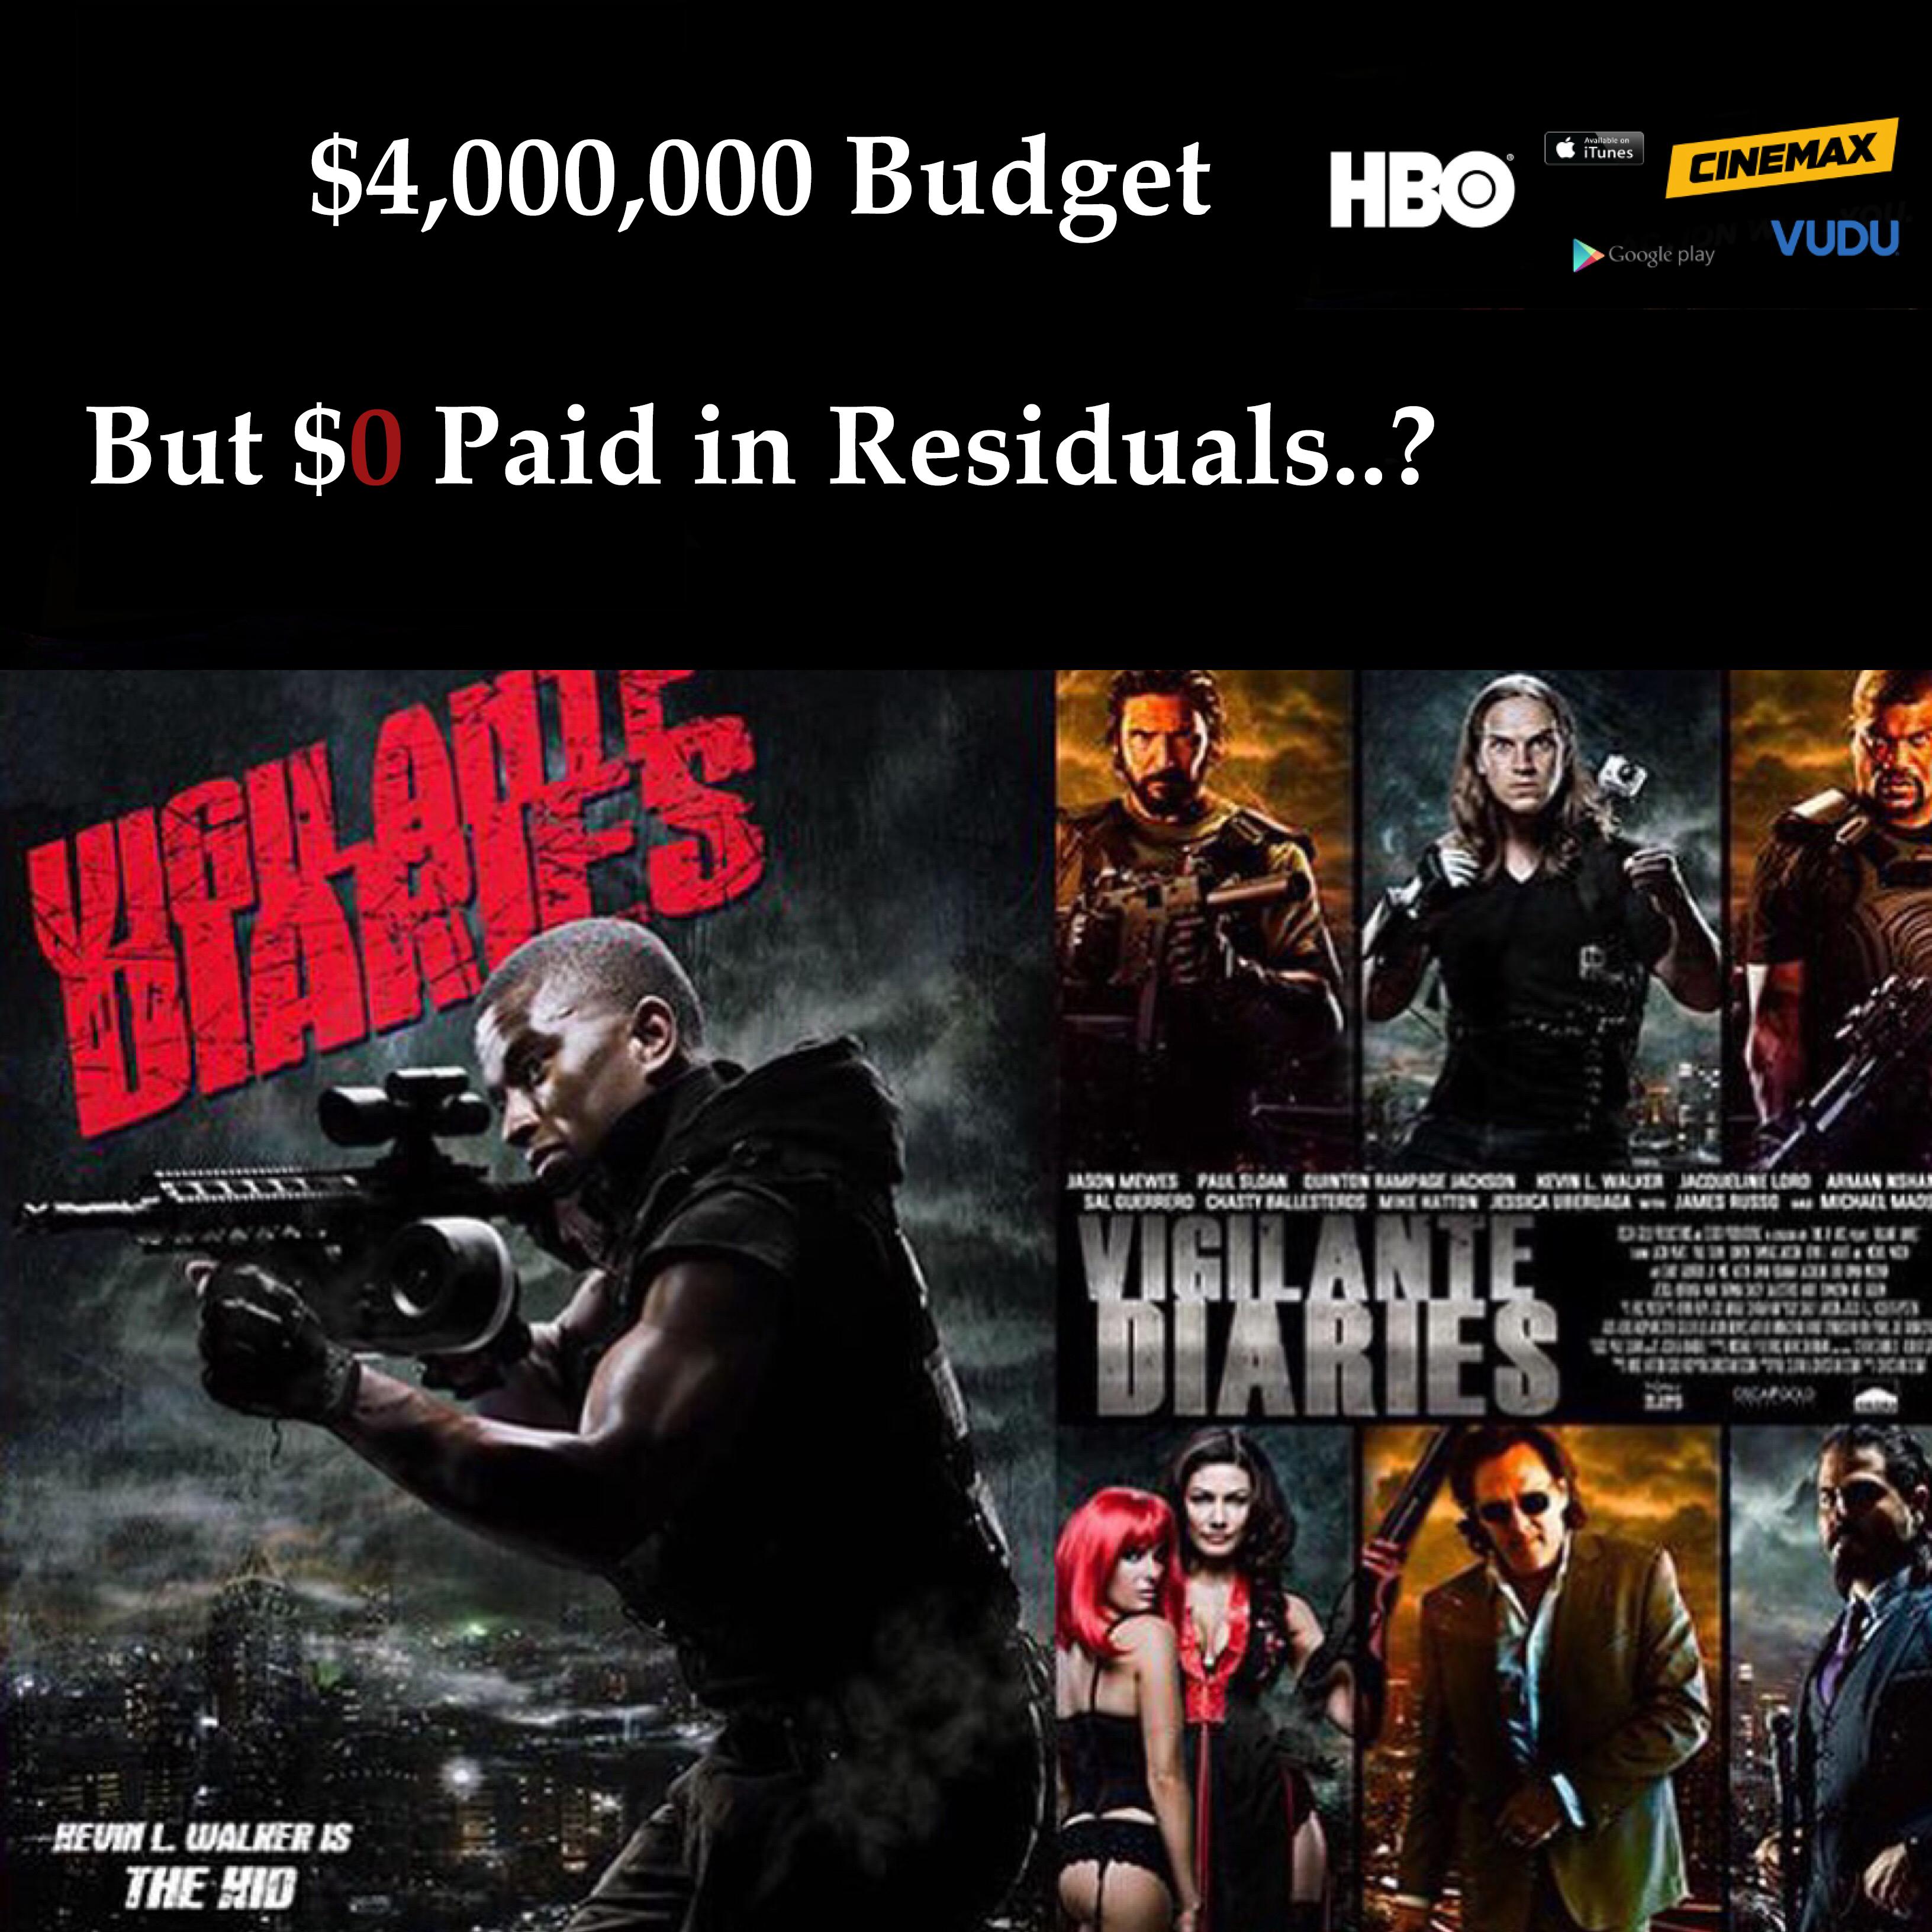 Vigilante Diaries - Producers dont pay Cast & Crew